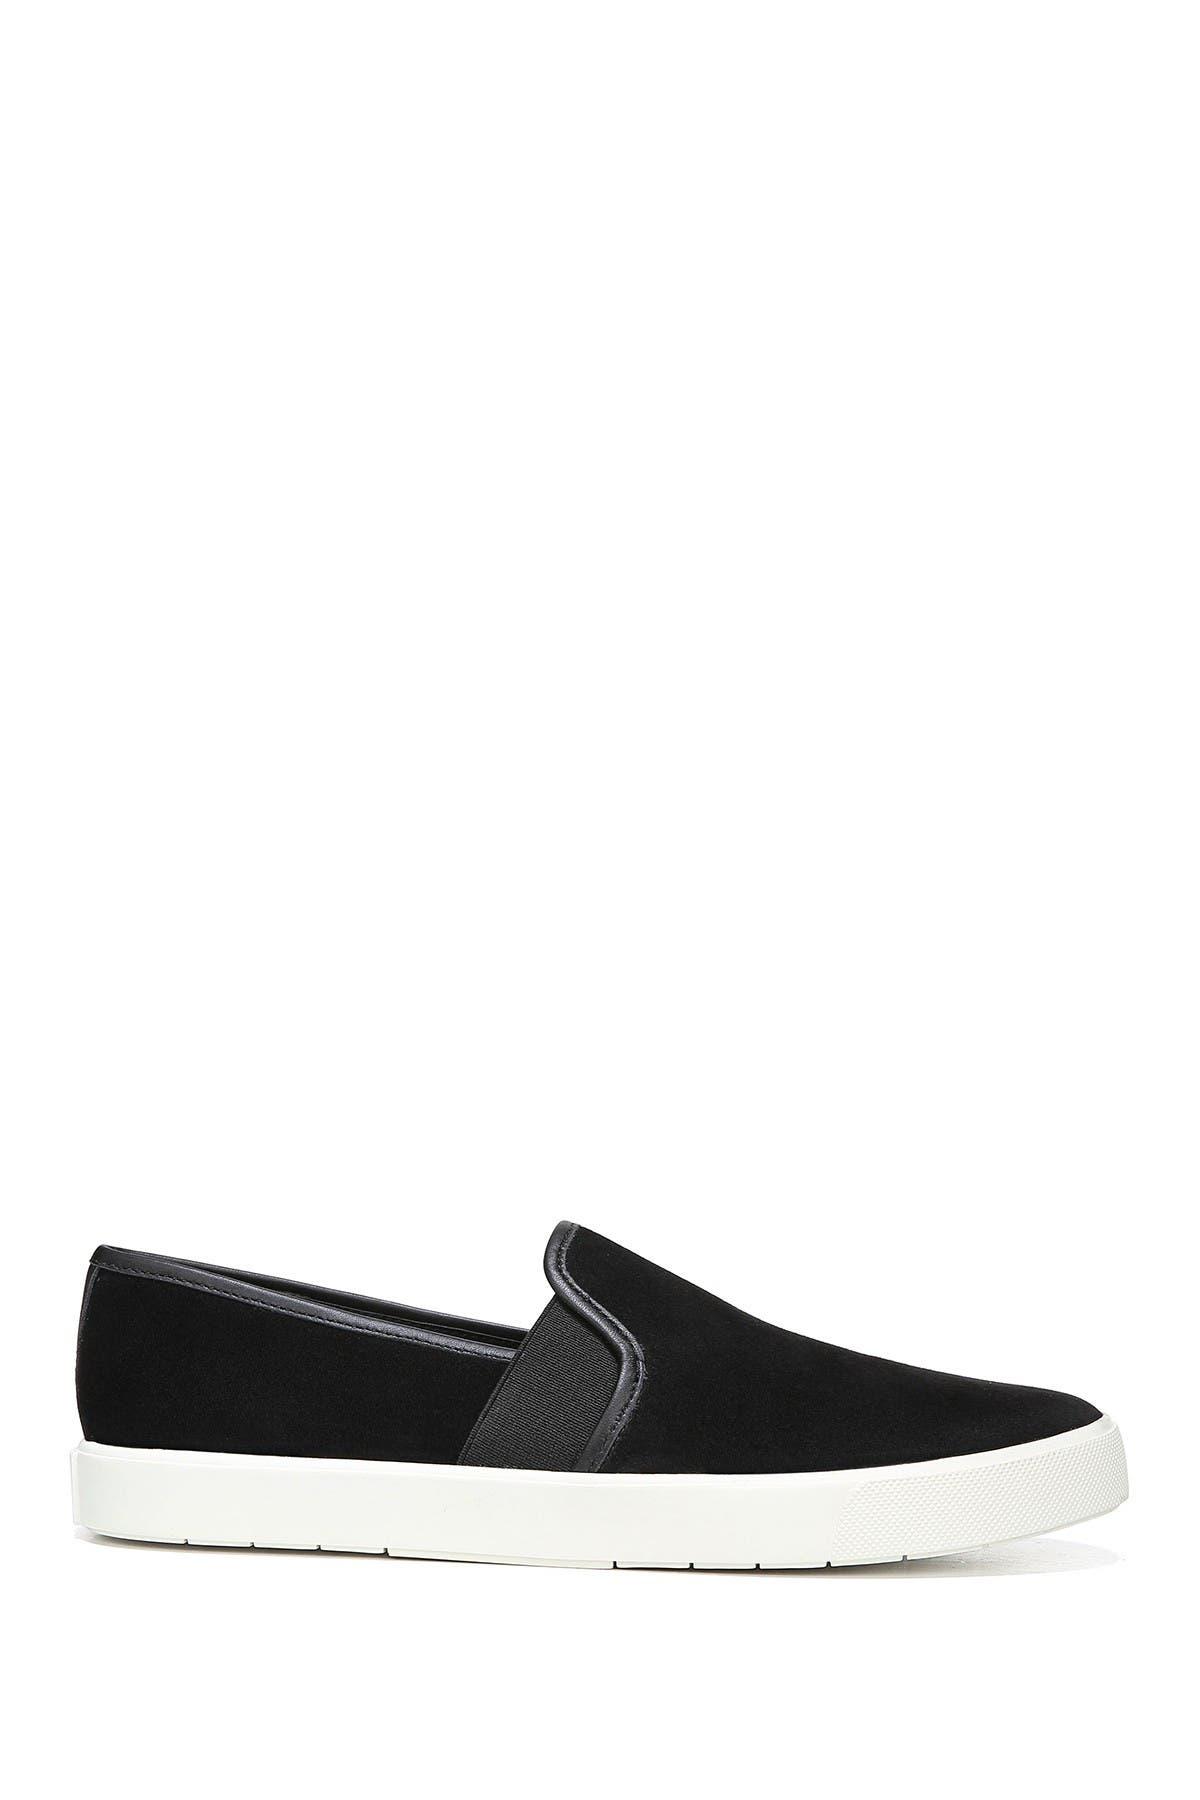 Vince | Preston Suede Slip-On Sneaker